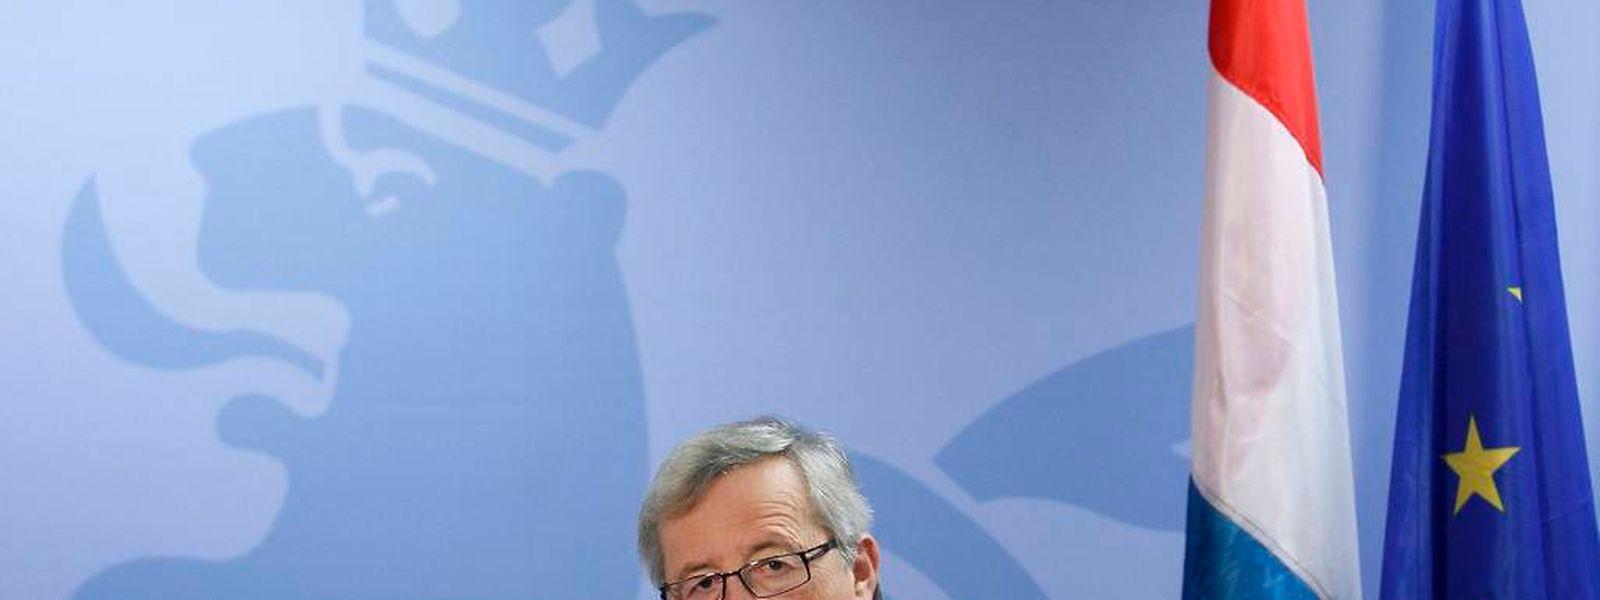 Mehrere EU-Parlamentarier kritisieren Juncker.